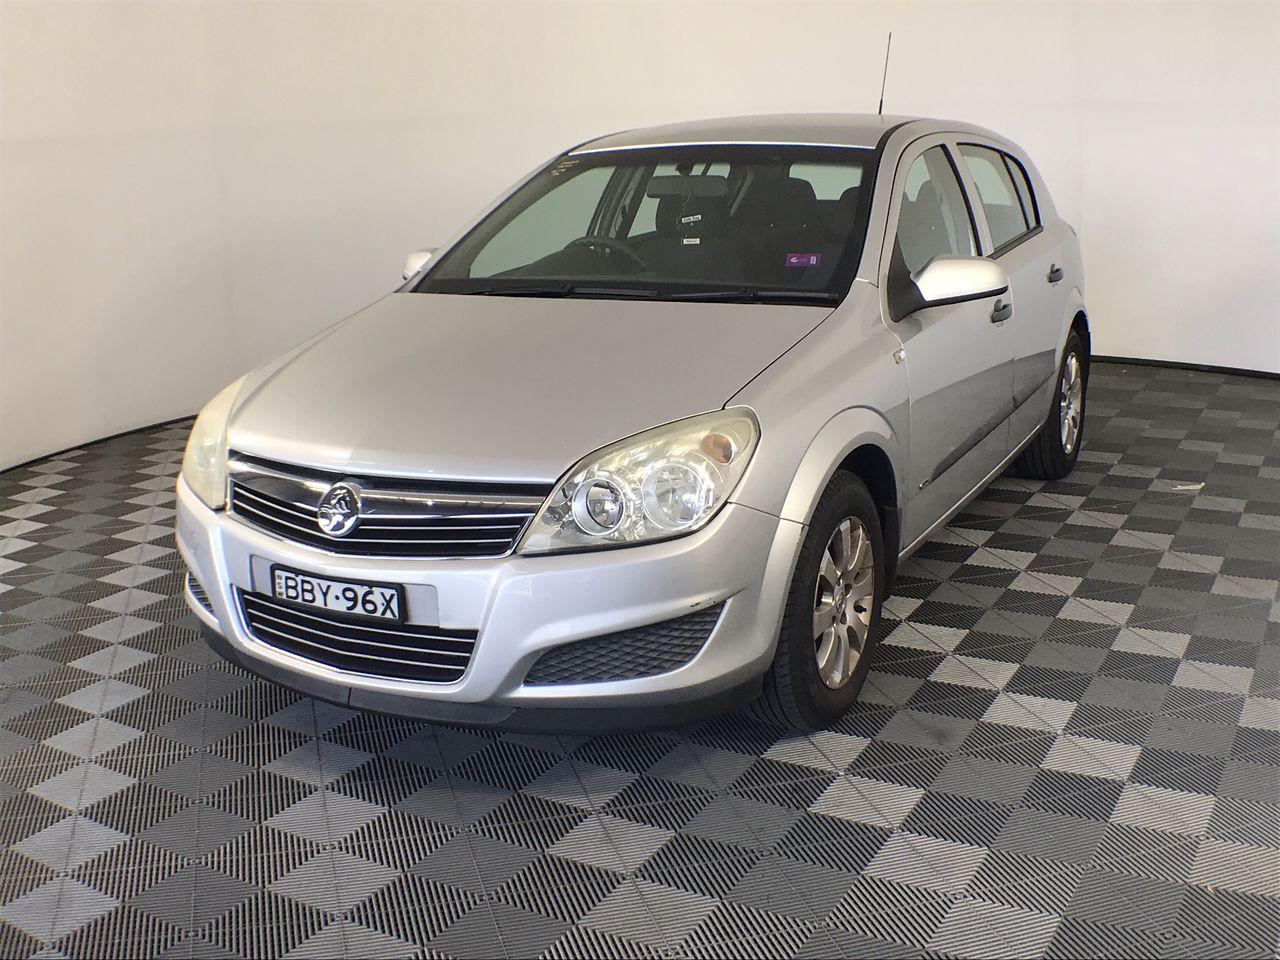 2007 Holden Astra CD Hatchback 134,805kms